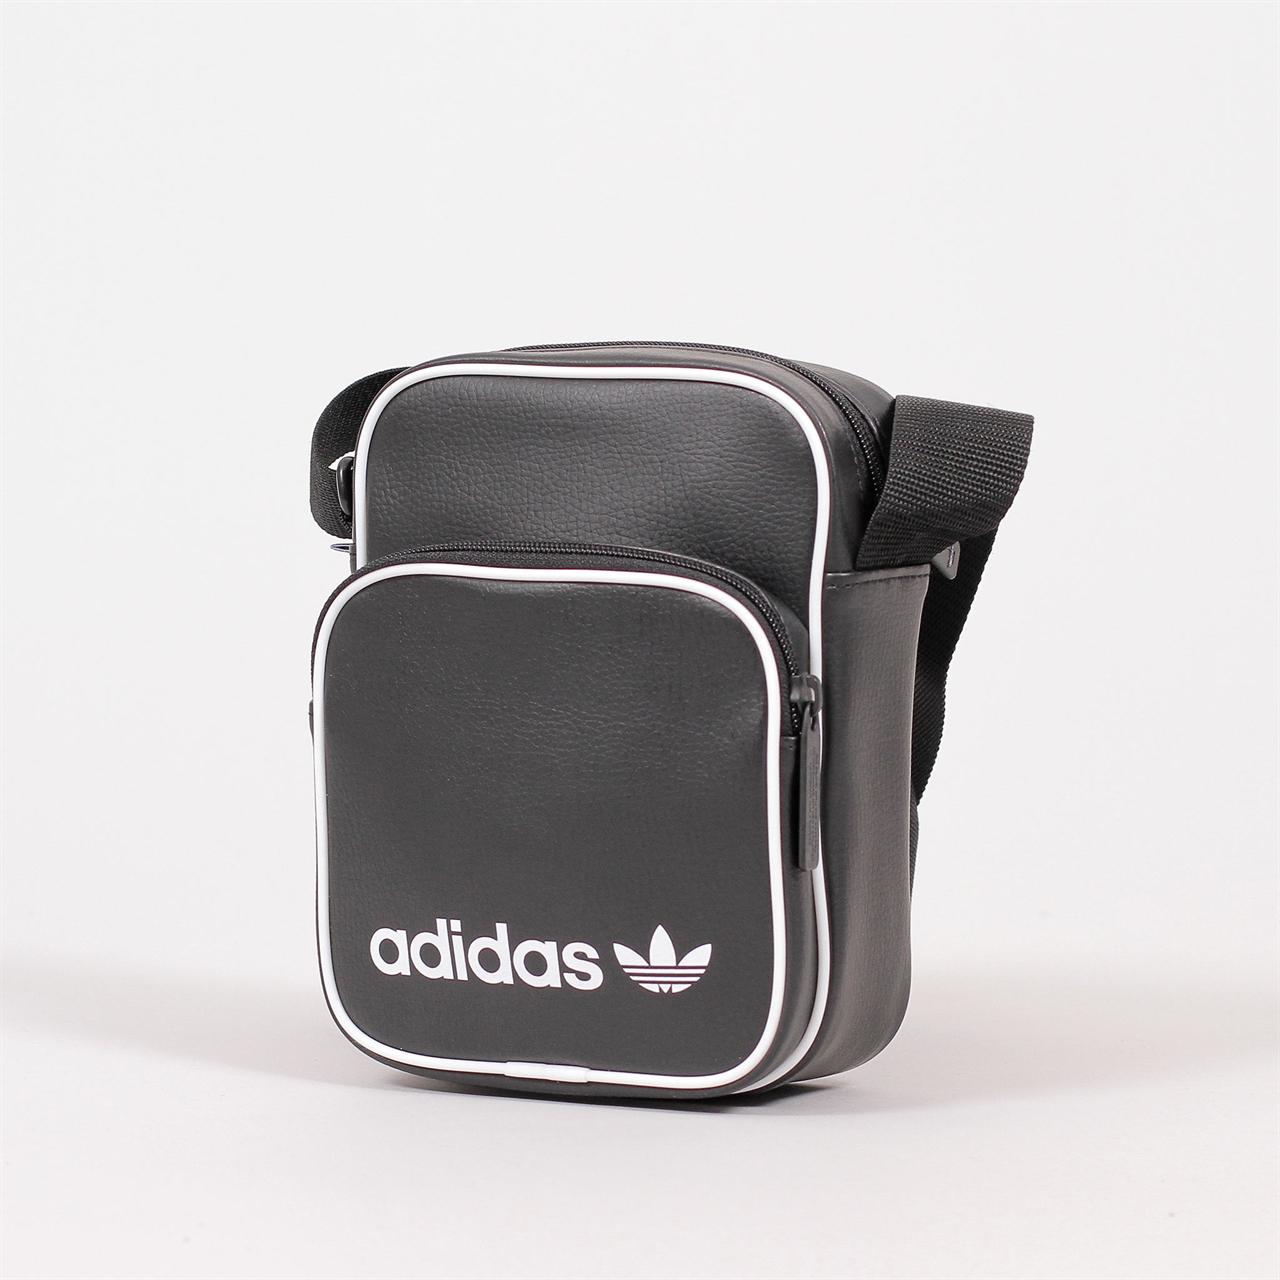 7846e8aff94 Adidas OriginalsAdidas Originals Mini Vintage Bag (DH1006). 1